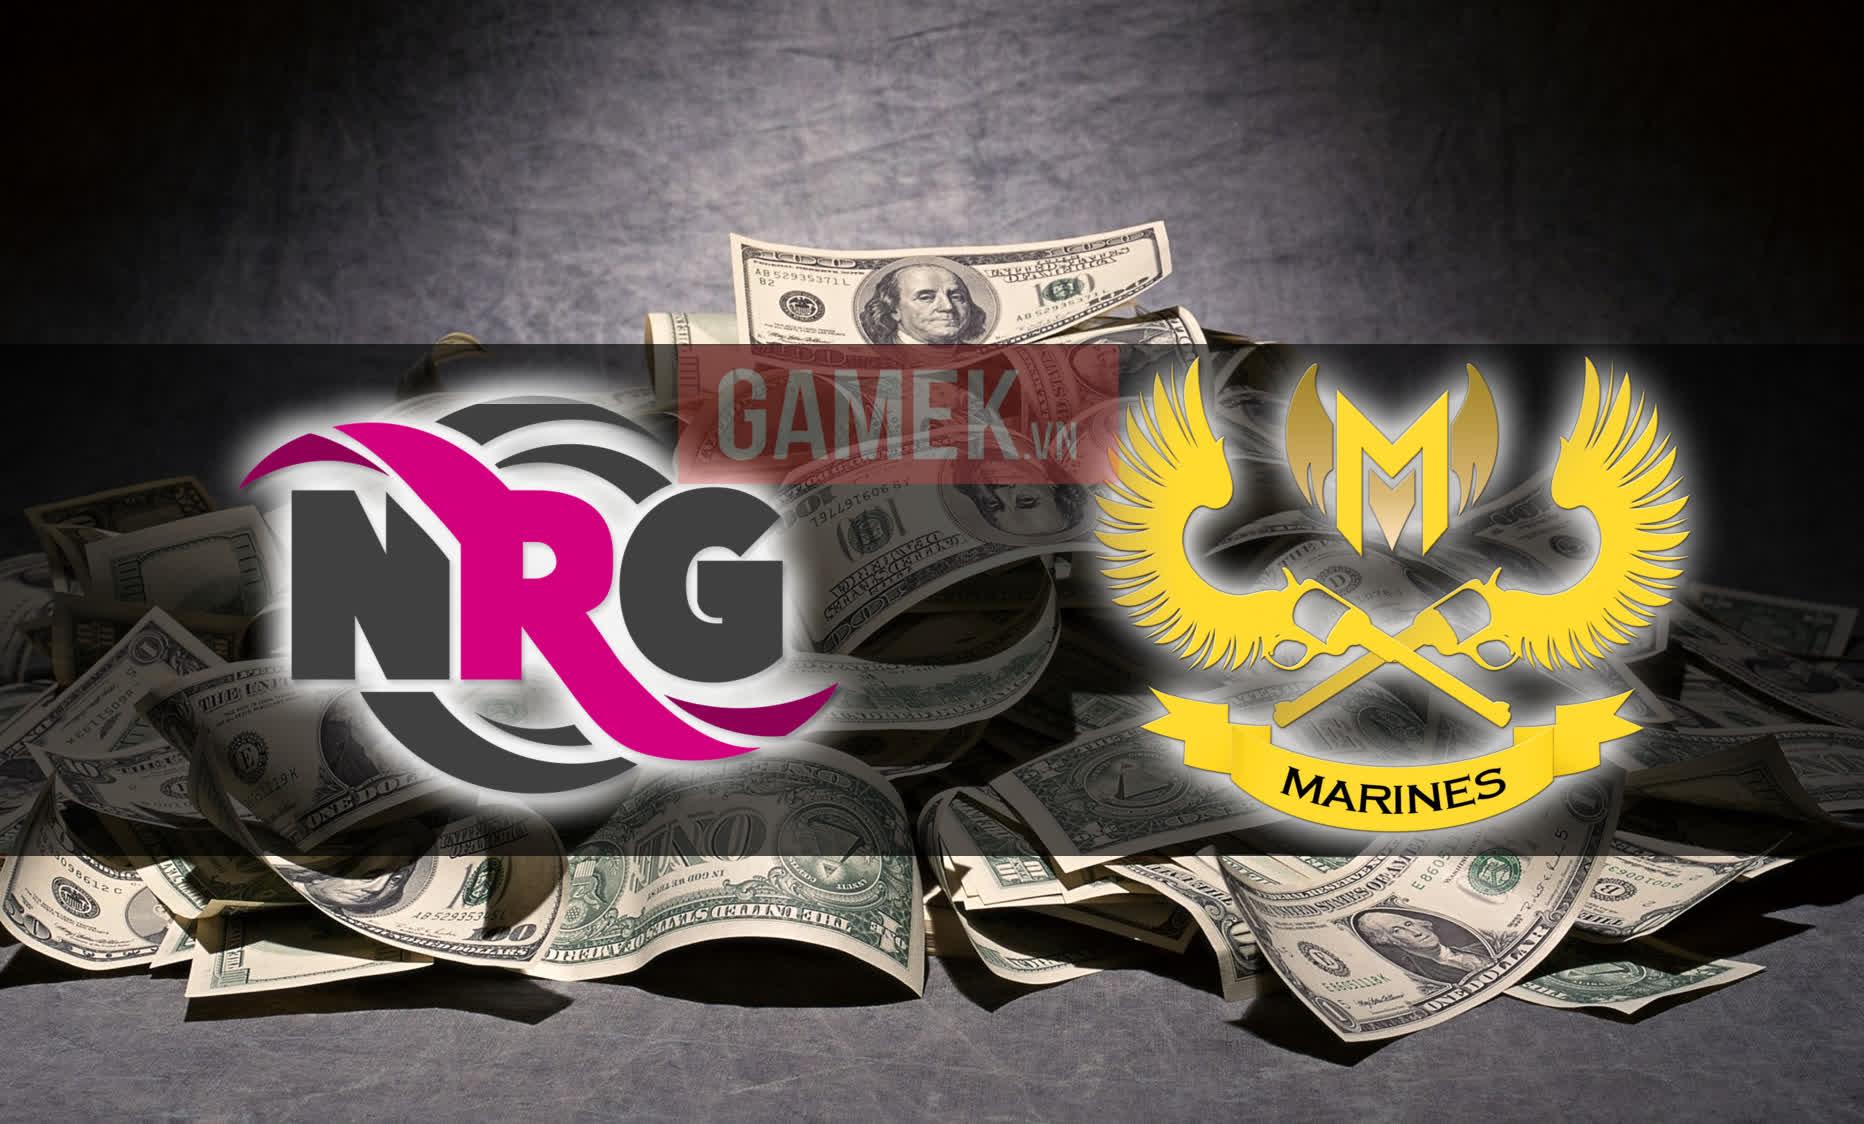 Thương vụ đổi chủ của GAM Esports có giá lên tới 7 - 9 tỷ VNĐ?